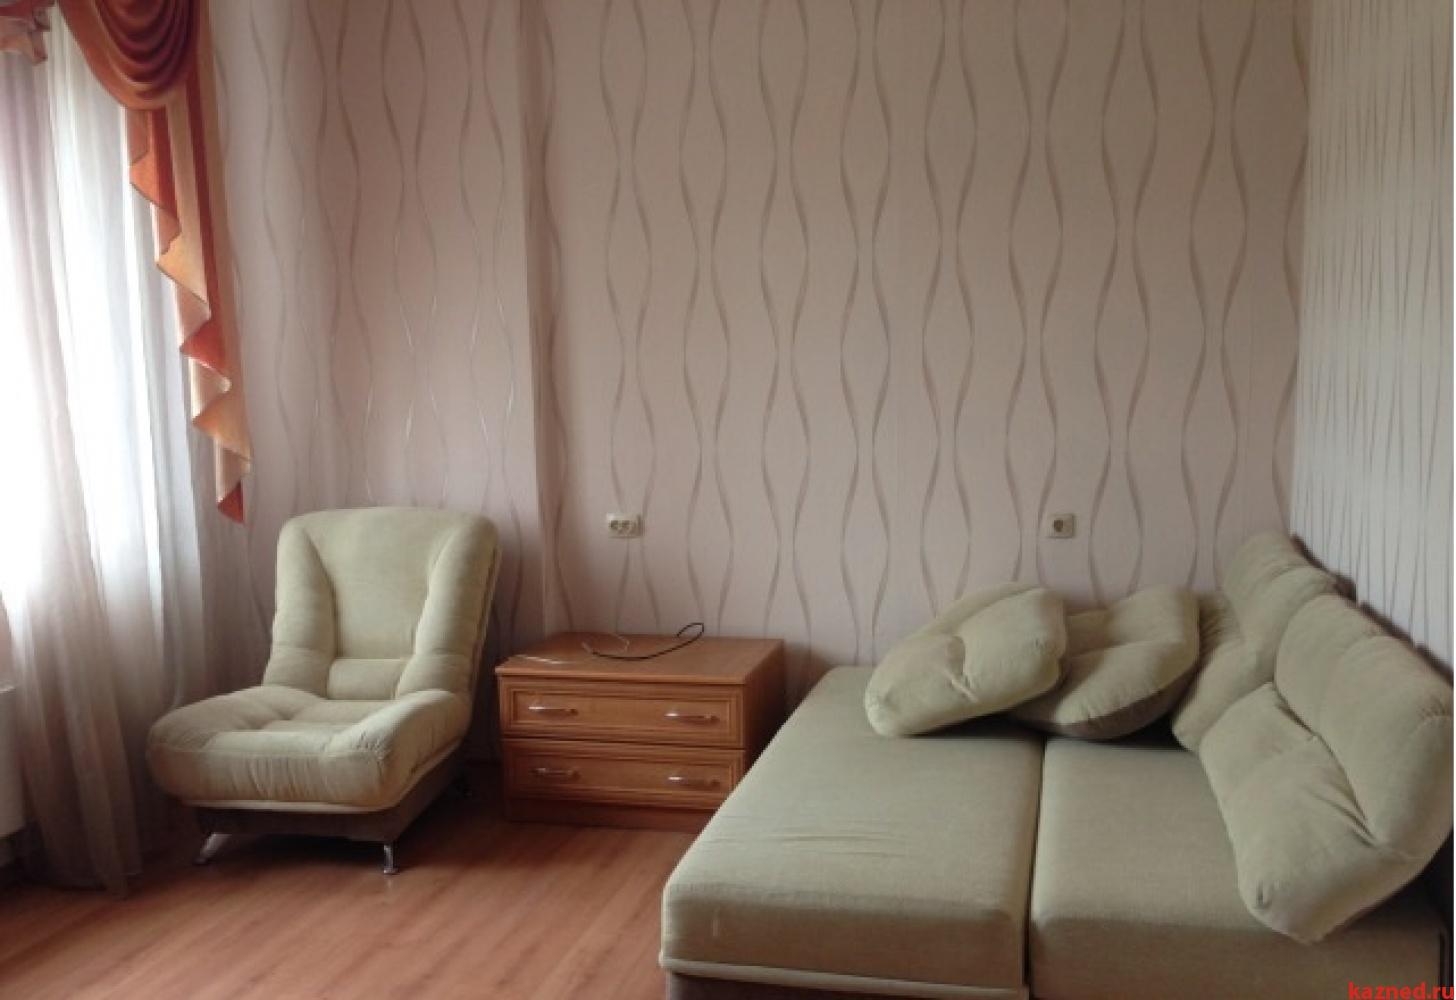 Продажа 1-к квартиры Ленинградская, 22, 47 м² (миниатюра №3)